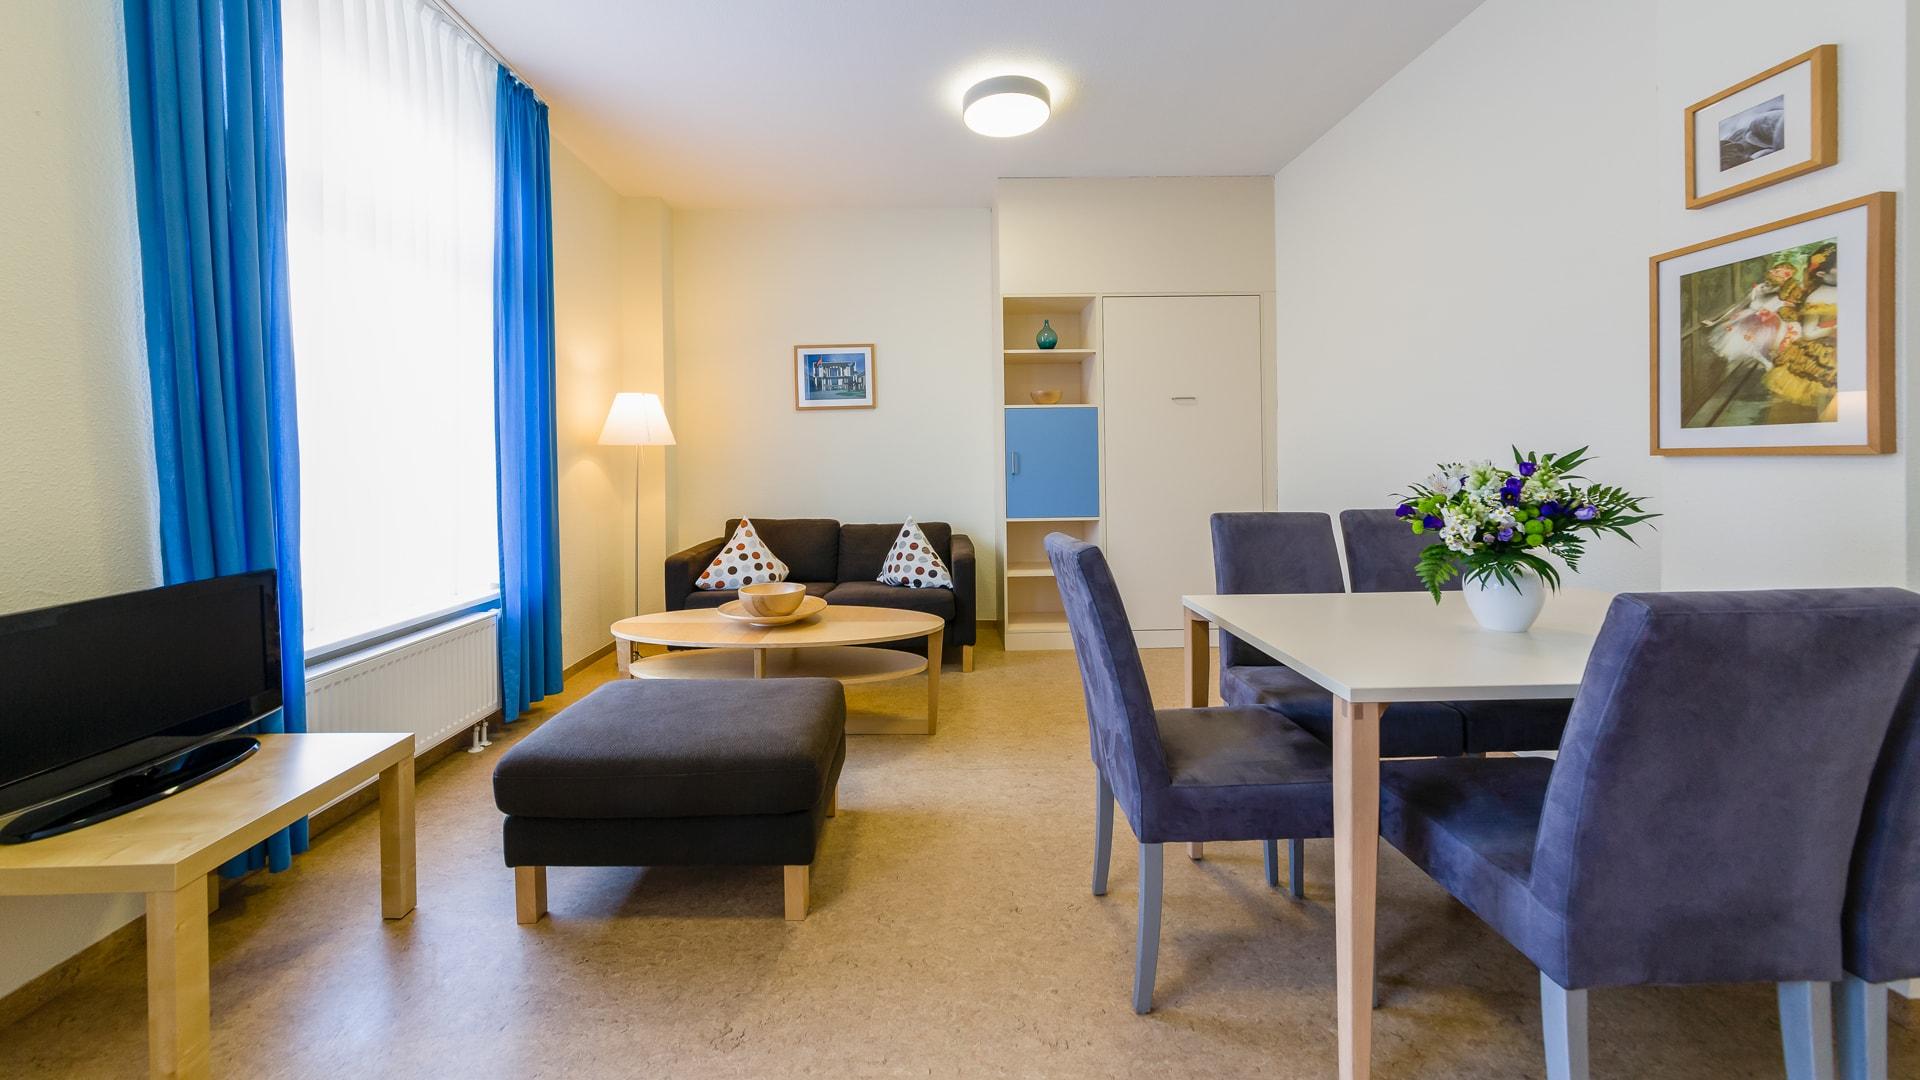 8 Michels_Hotels_Haus_Wilhelm_Augusta_3Raum_Ferienwohnung_Wohnbereich